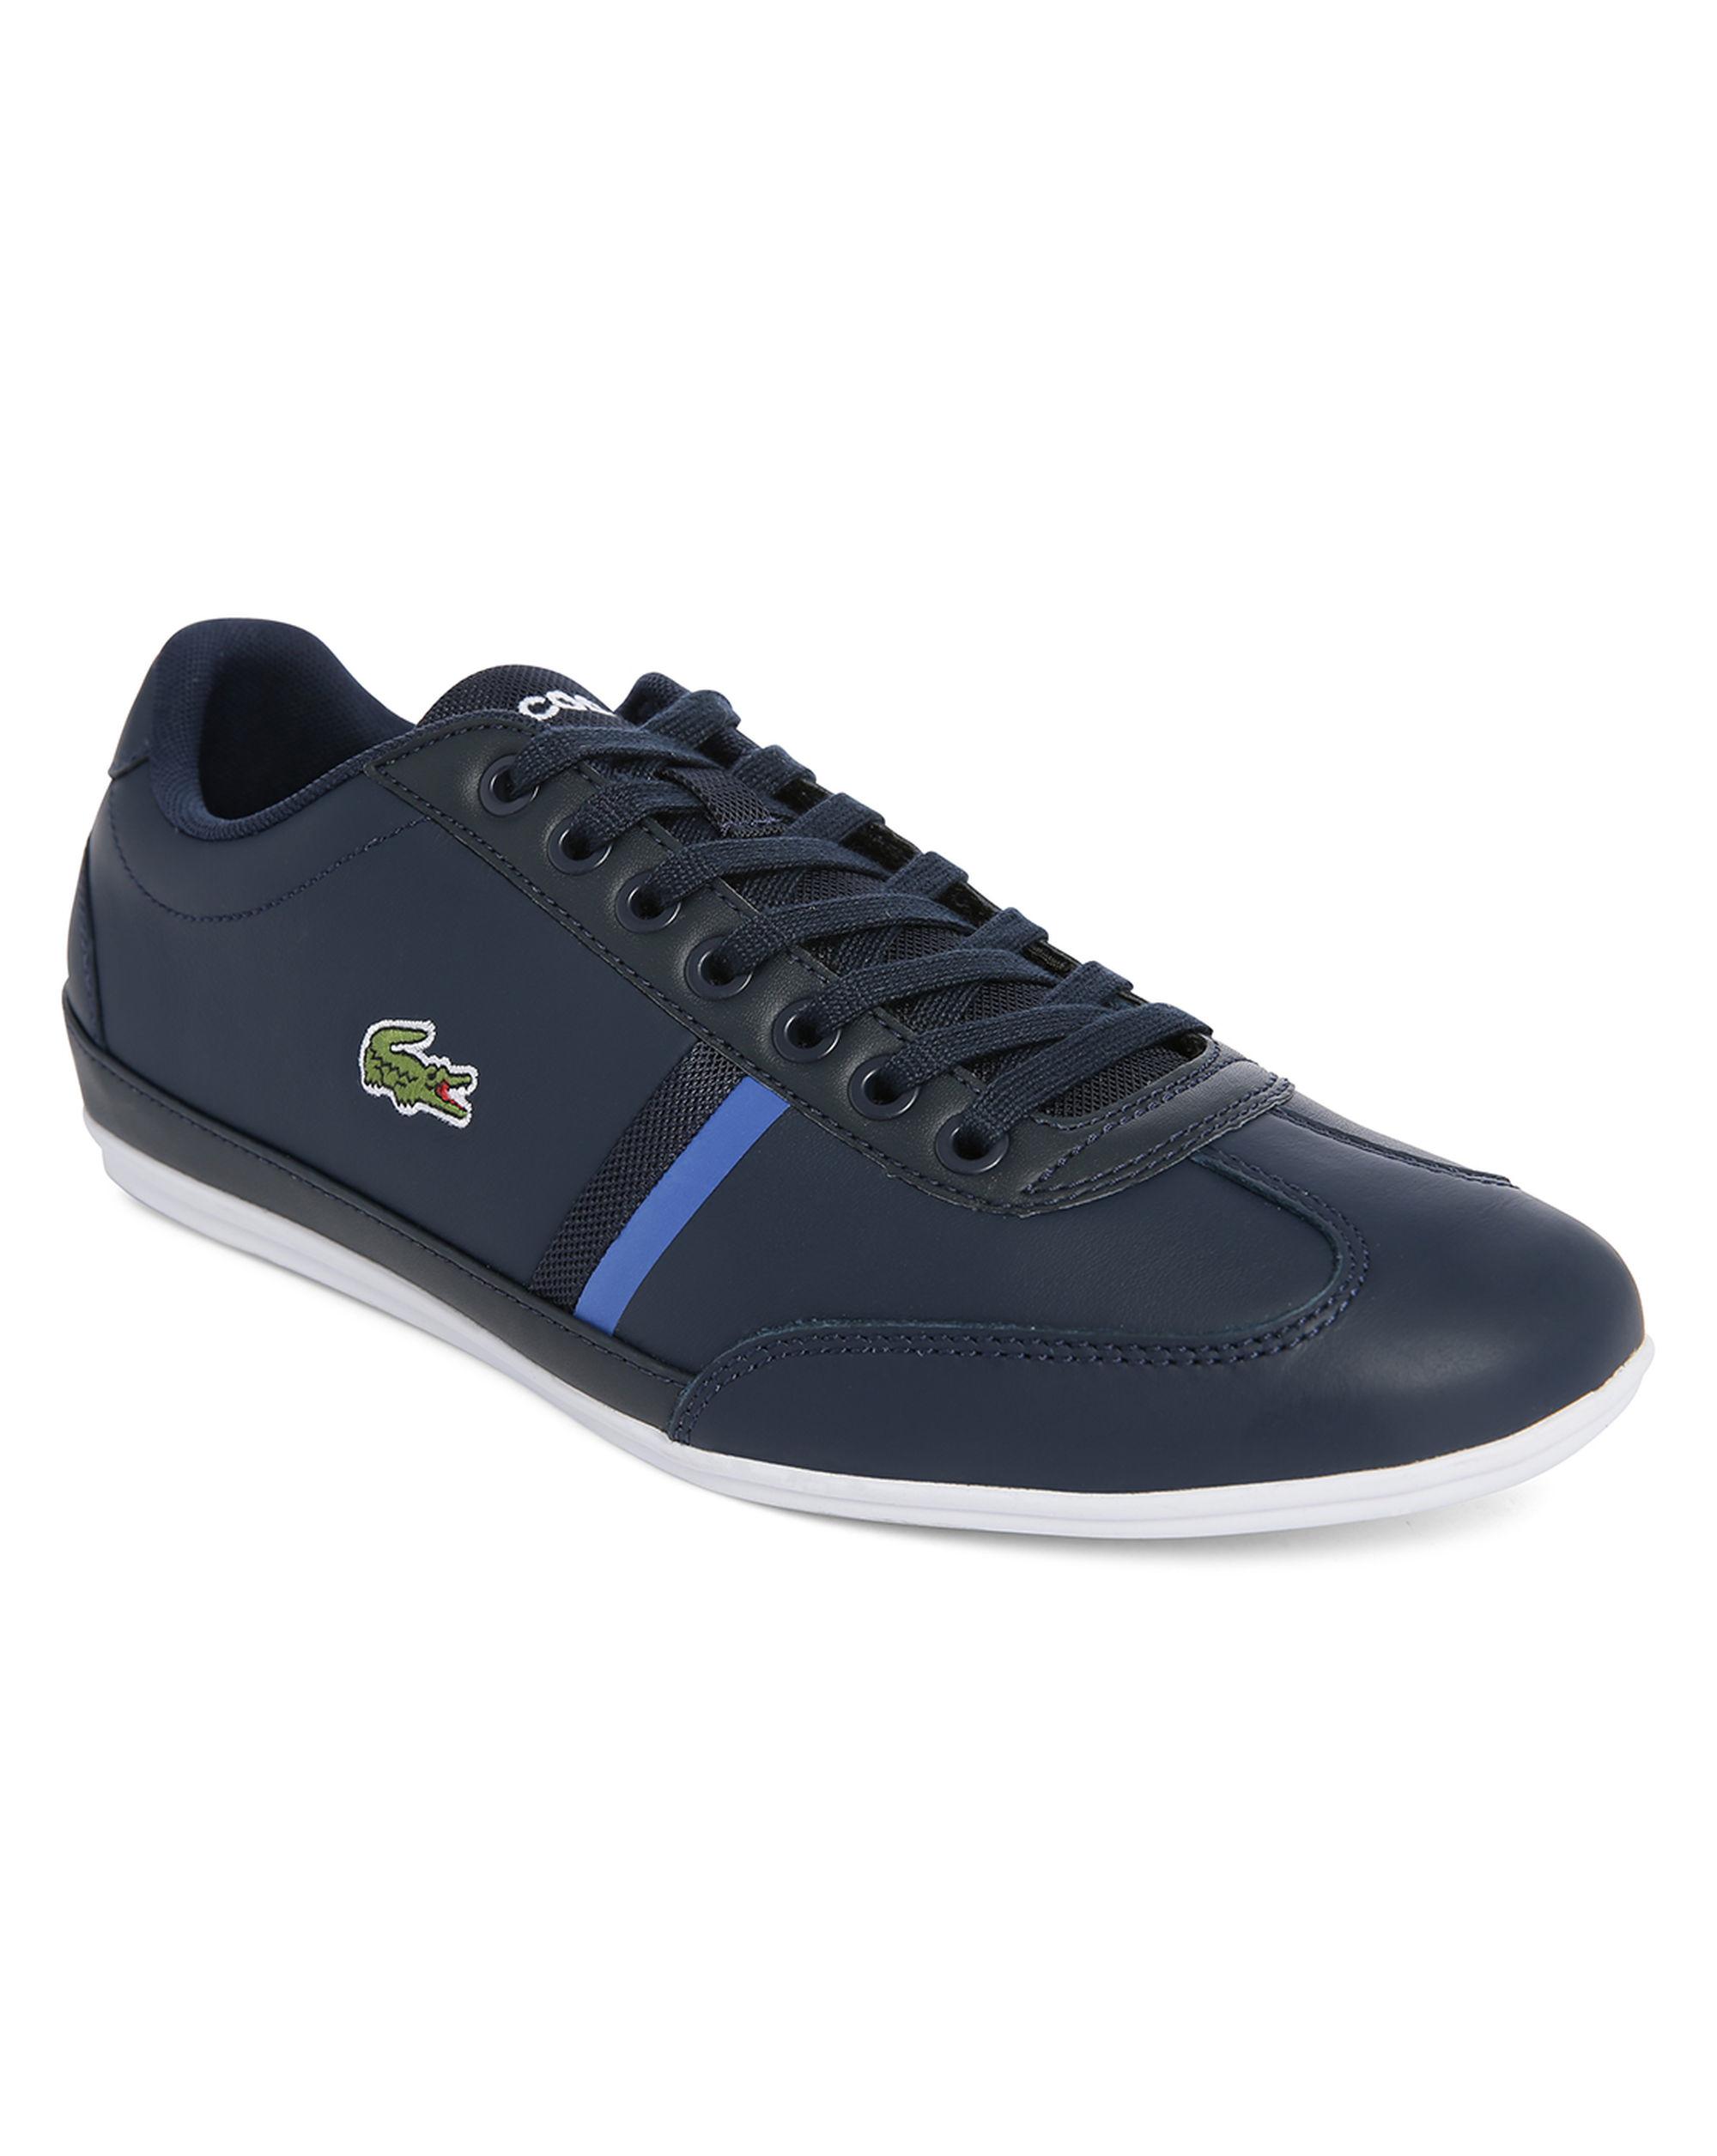 lacoste misano sport navy sneakers in blue for men lyst